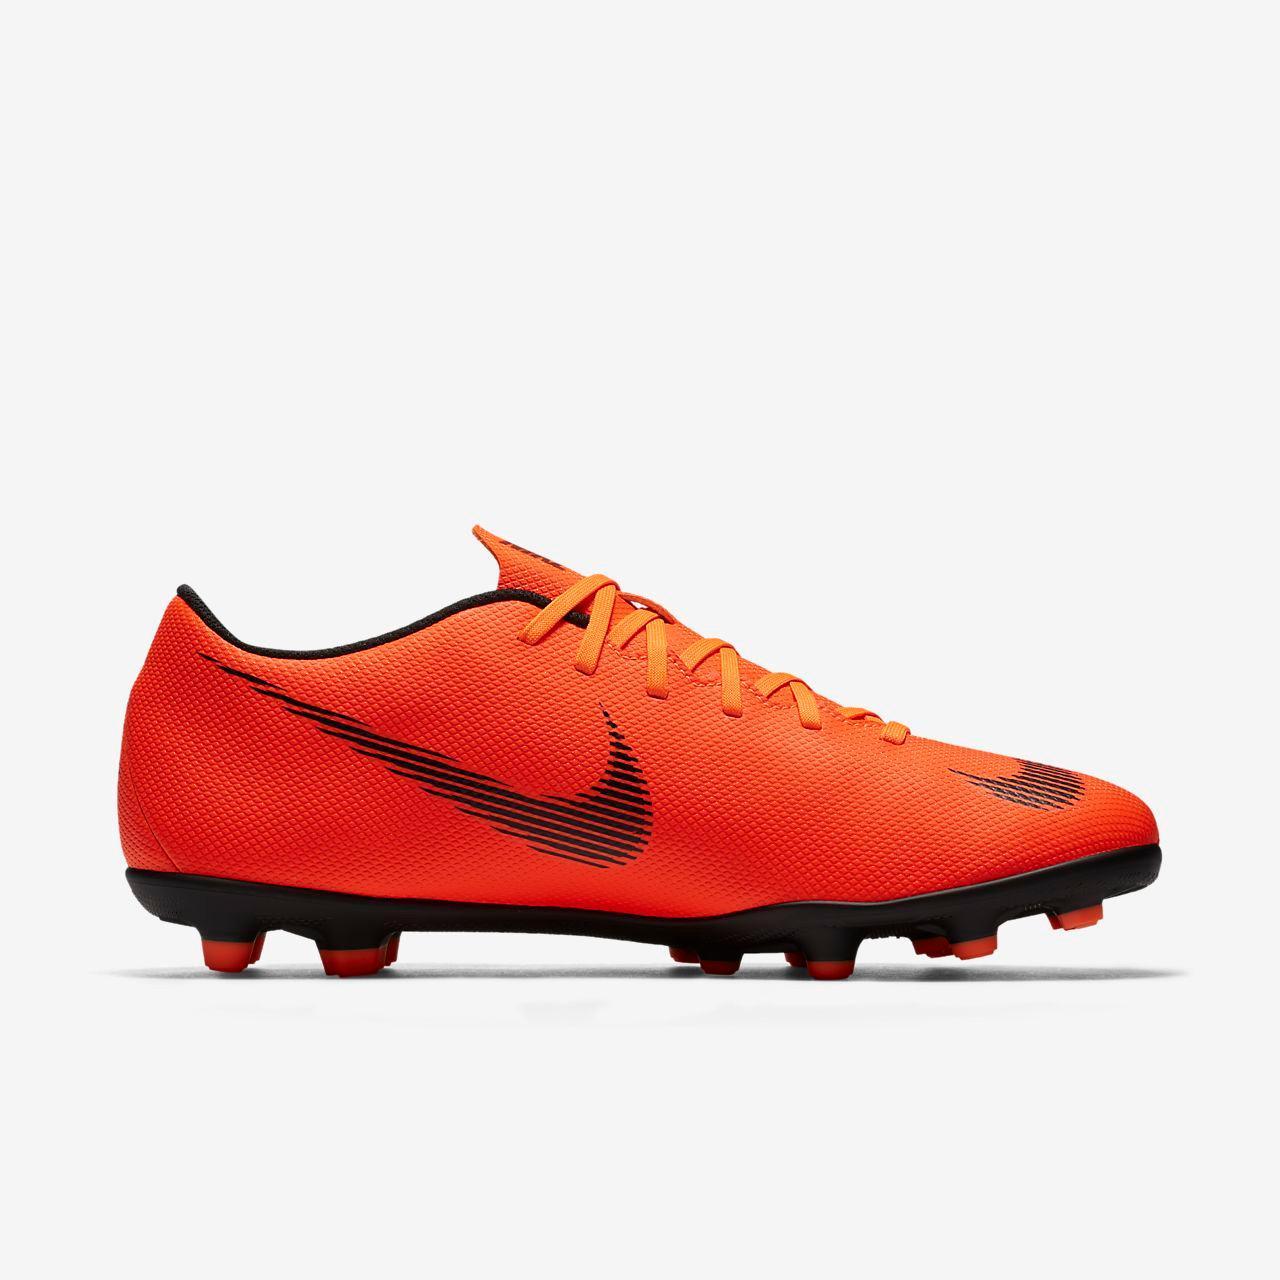 Sepatu Bola Nike Original Vapor 12 Club MG Total Orange AH7378-810